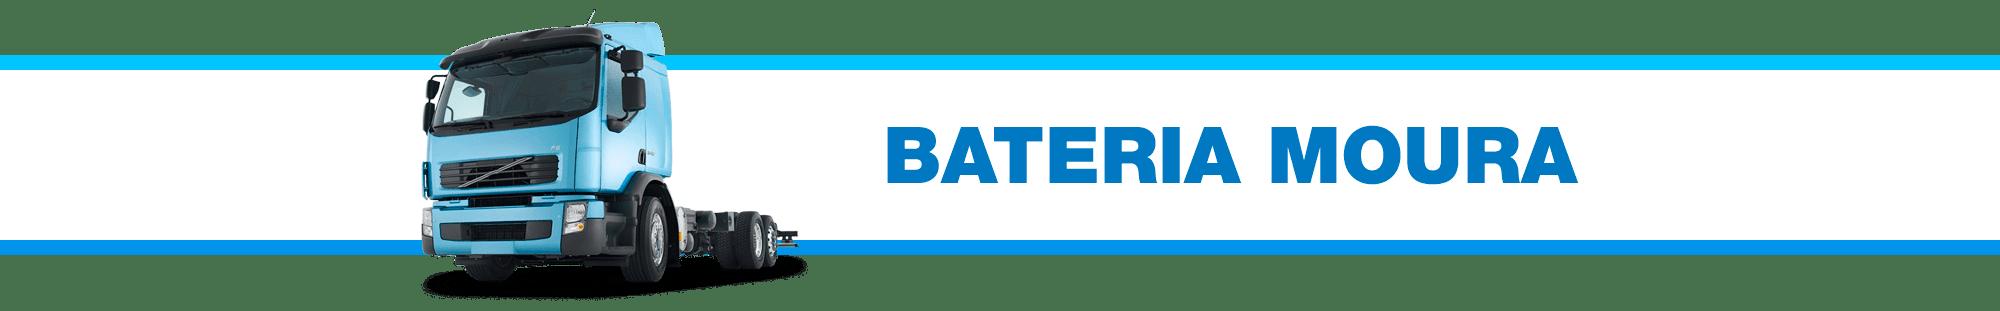 sv-baterias-bateria-moura-caminho